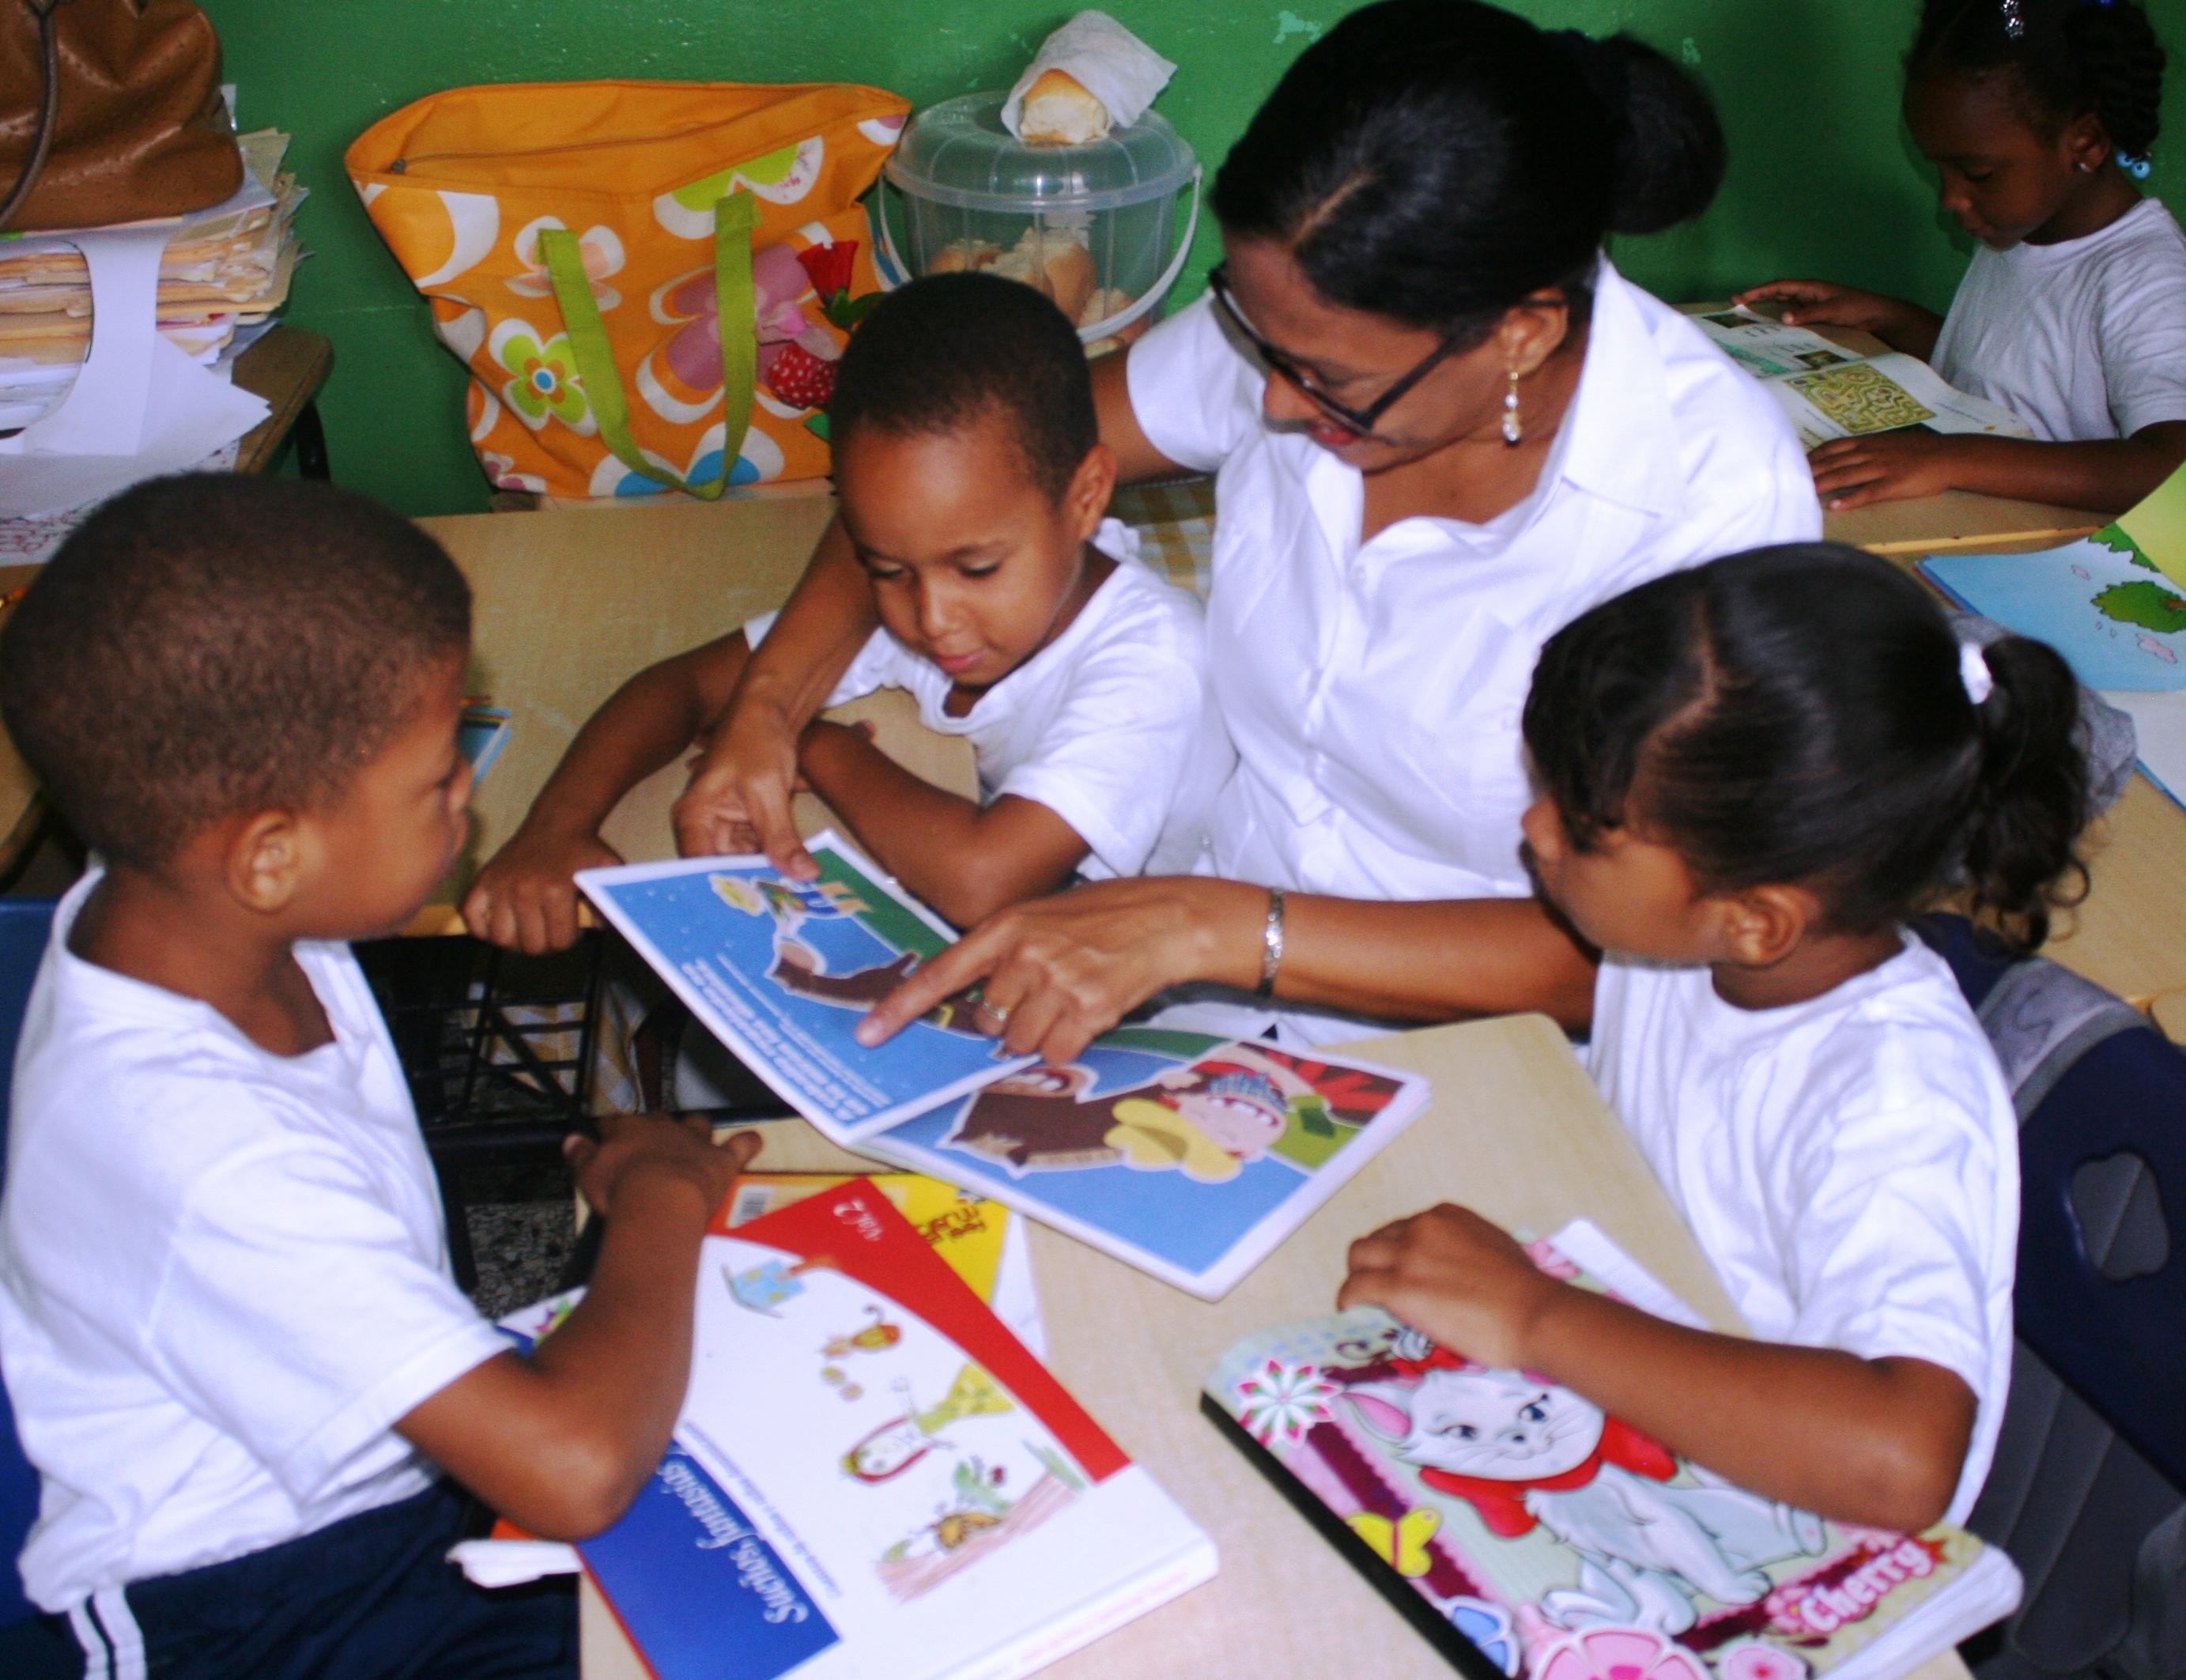 República Dominicana 4